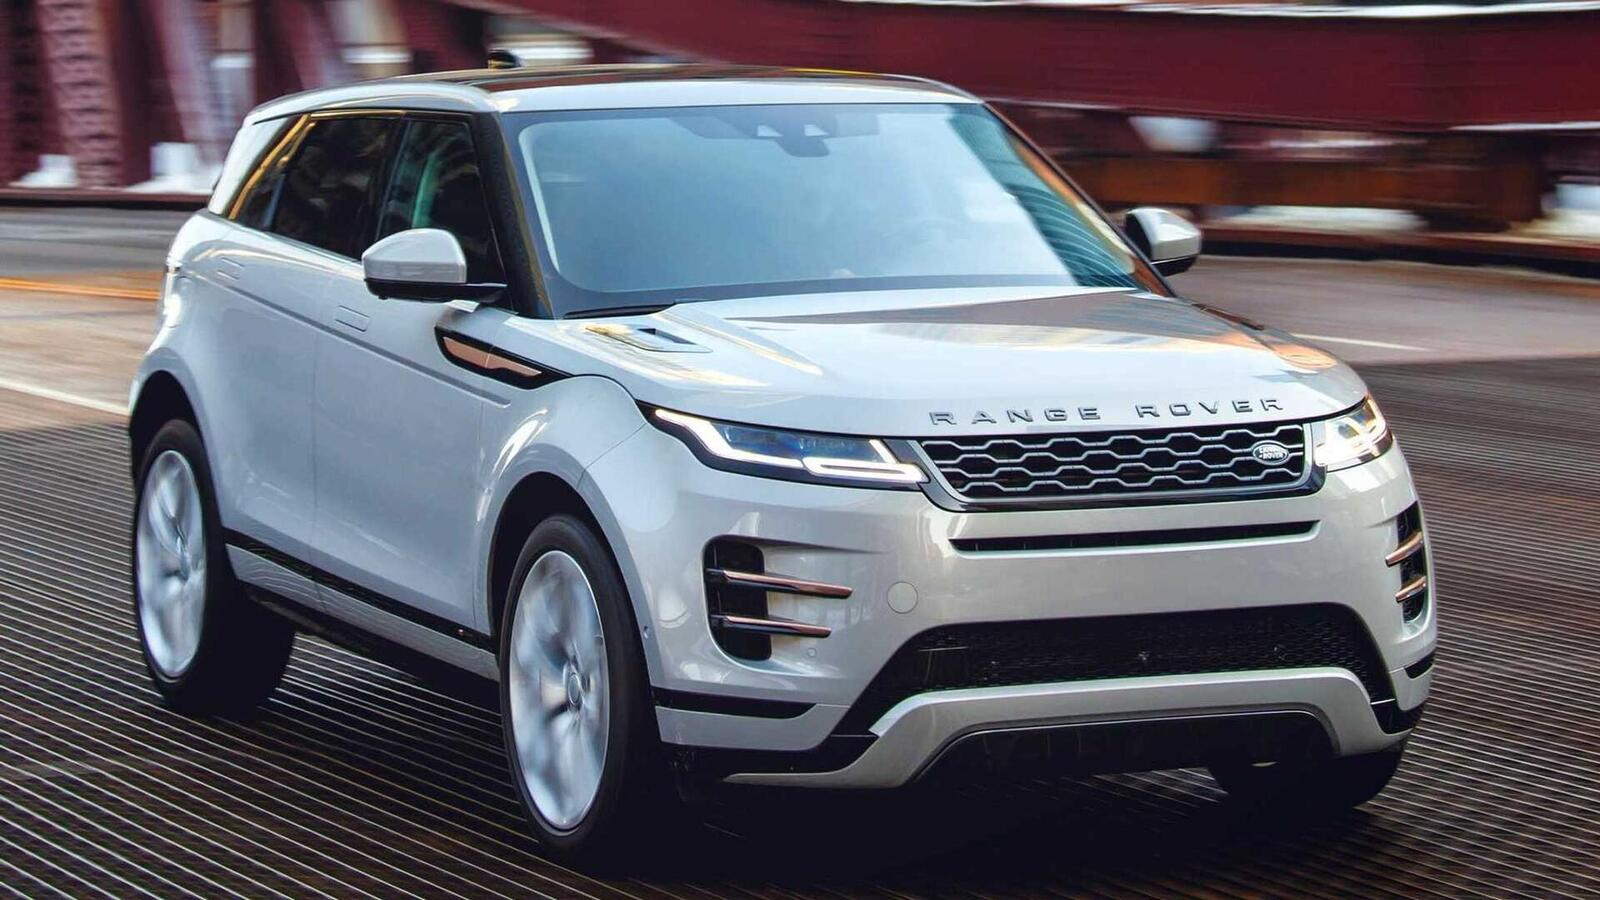 Range Rover Evoque mới tại Mỹ có giá từ 43.645 USD, đắt hơn Audi Q5 và Mercedes GLC - Hình 13